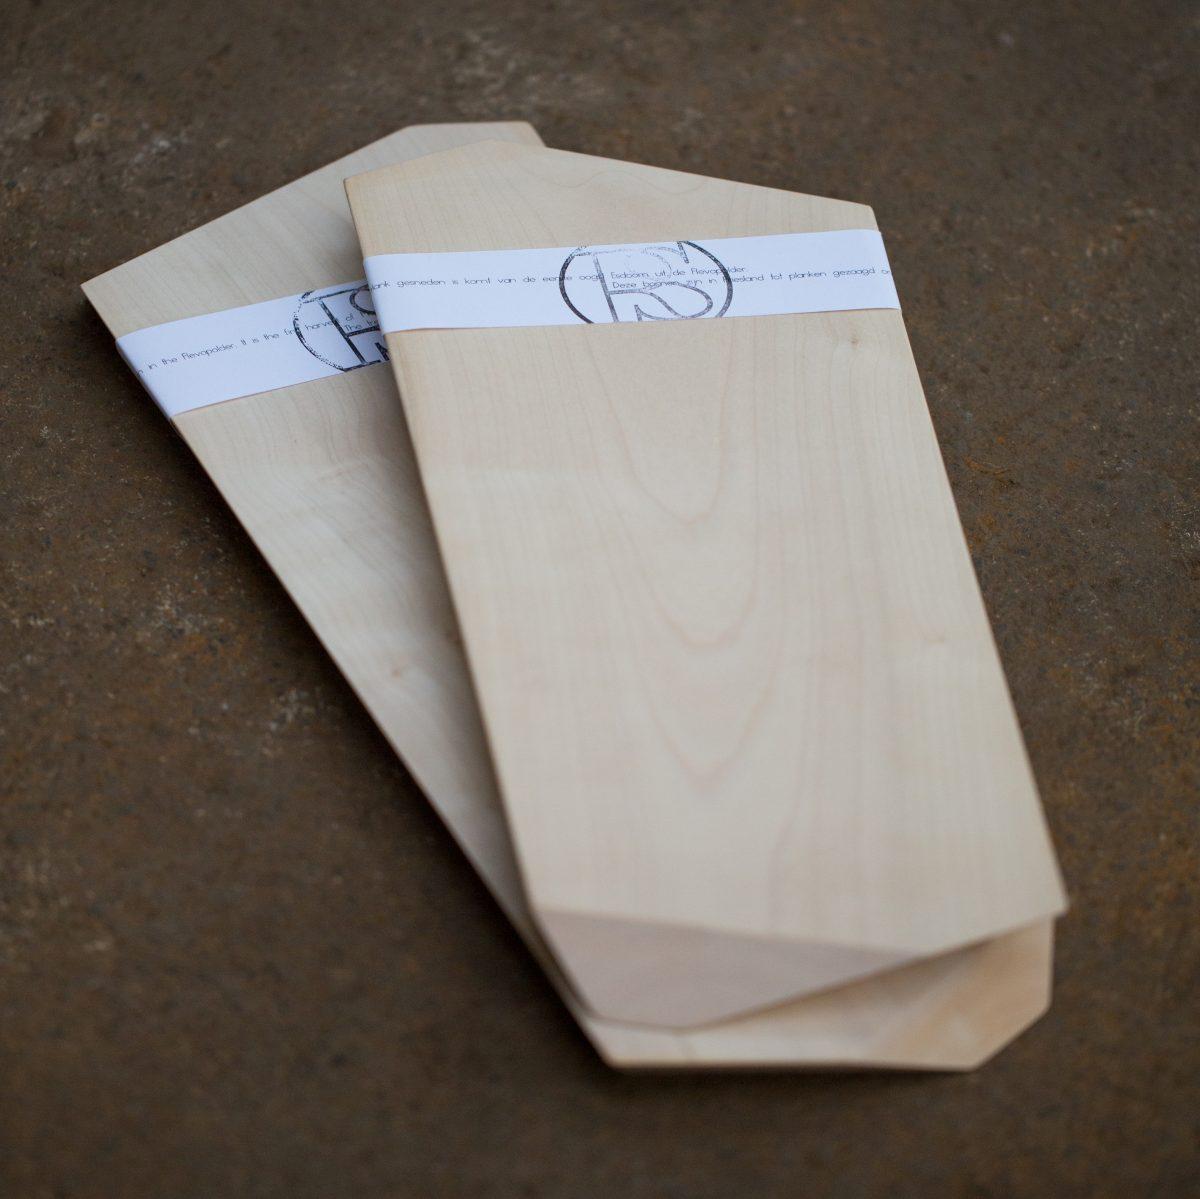 Broodplank borrelplank – Ruben van der Scheer